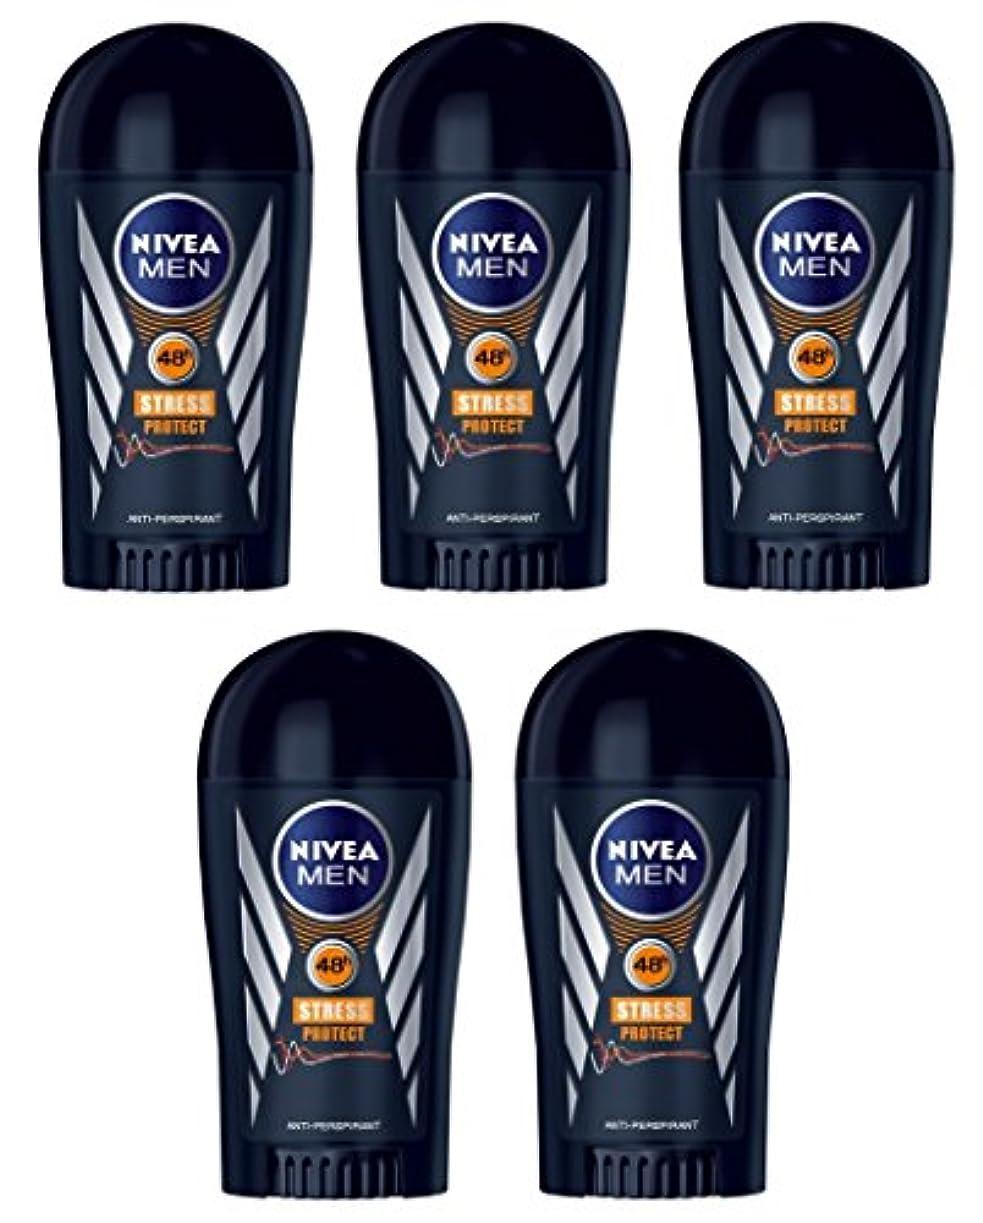 畝間参照ストレスの多い(Pack of 5) Nivea Stress Protect Anti-perspirant Deodorant Solid Stick for Men 5x40ml - (5パック) ニベア応力プロテクト制汗剤デオドラントスティック...